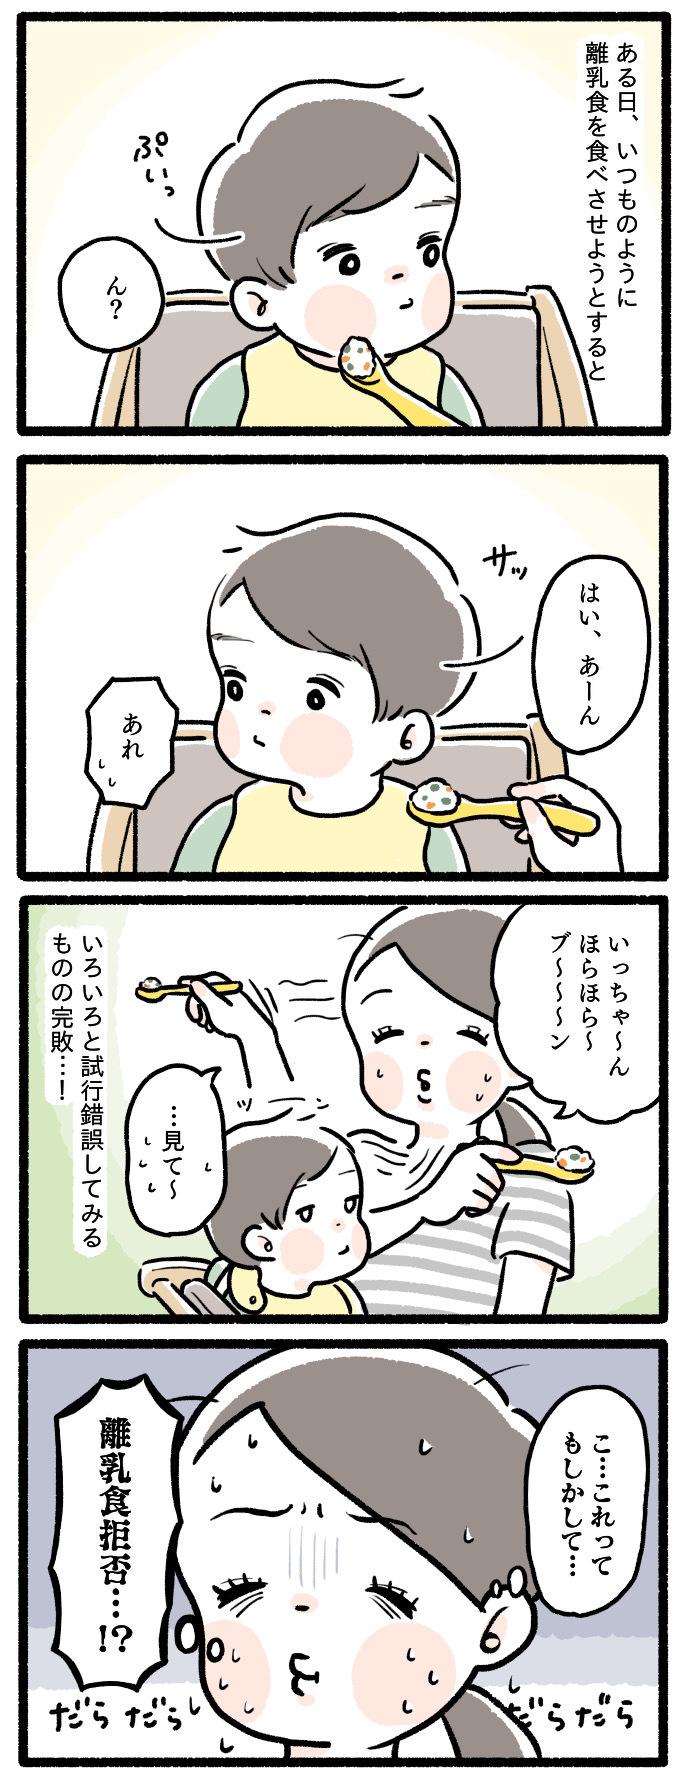 天才か...!離乳食を拒否の理由は、まさかコレ!?(笑)の画像1